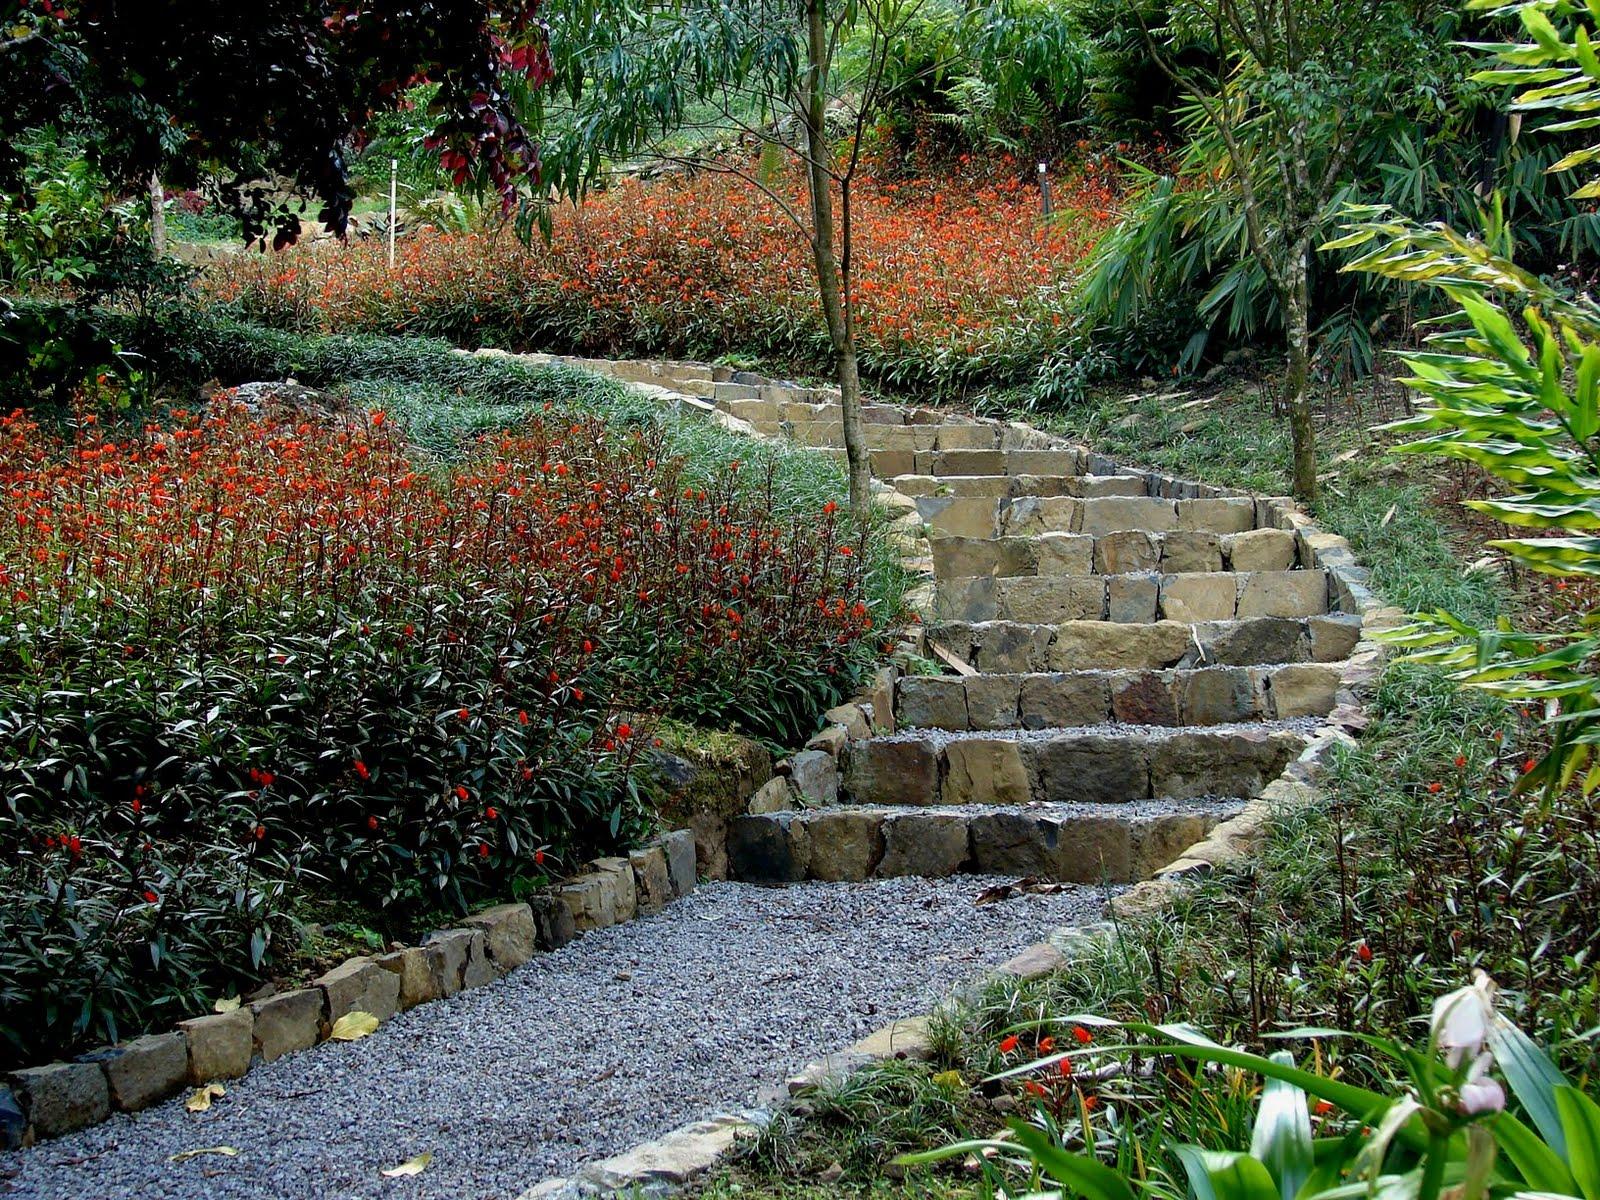 Paisajismo pueblos y jardines las coberturas los for Jardines costa rica